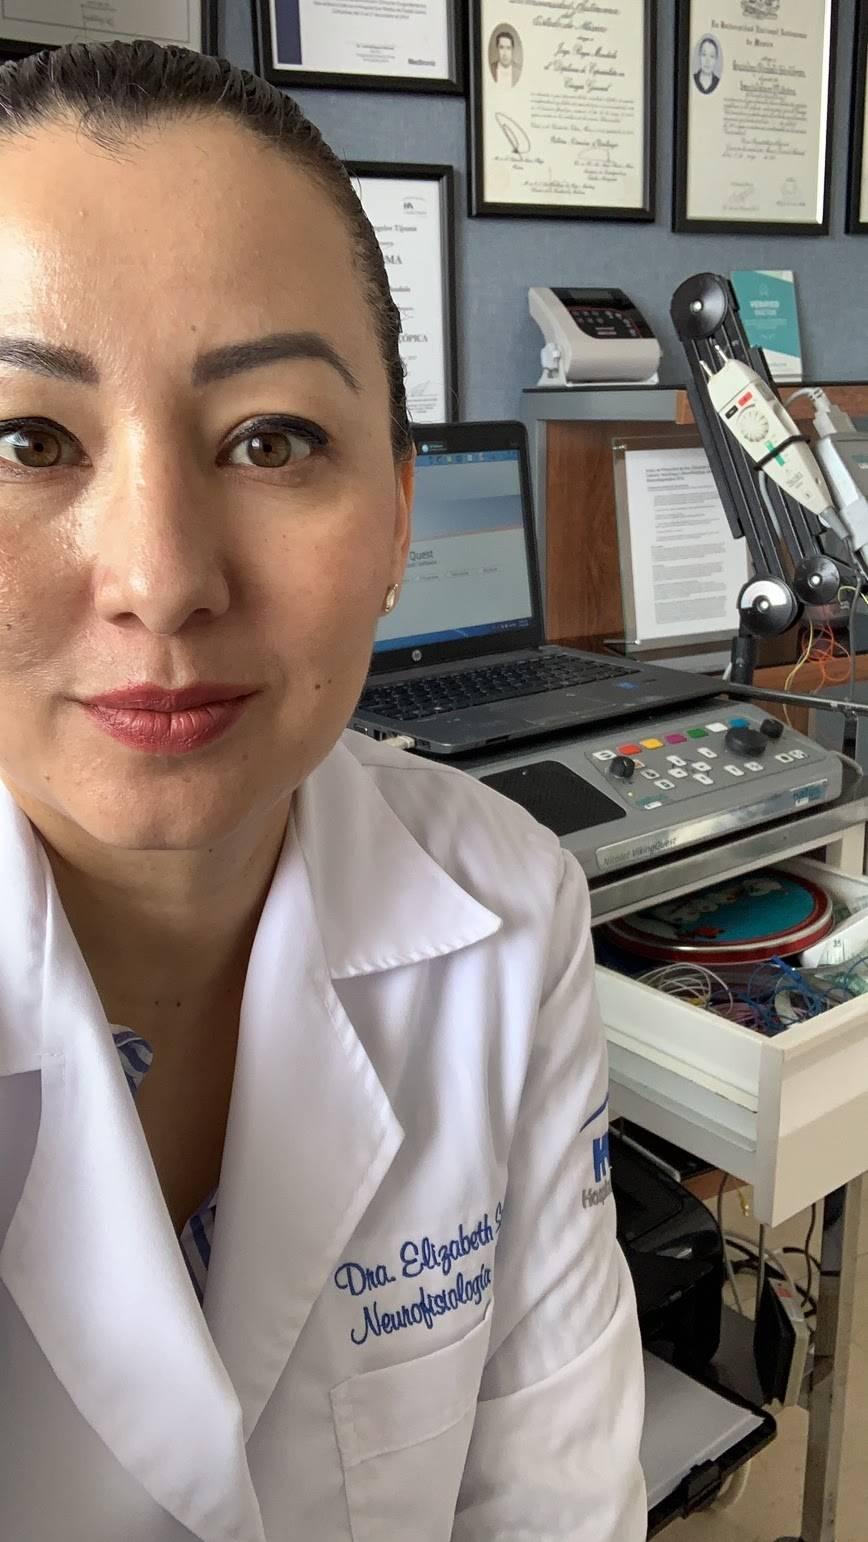 Dra. Elizabeth Soto Cabrera - hospital  | Photo 1 of 4 | Address: Av, Paseo del Centenario 9580-Oficina 1708, Zona Urbana Rio Tijuana, 22010 Tijuana, B.C., Mexico | Phone: 664 210 6480